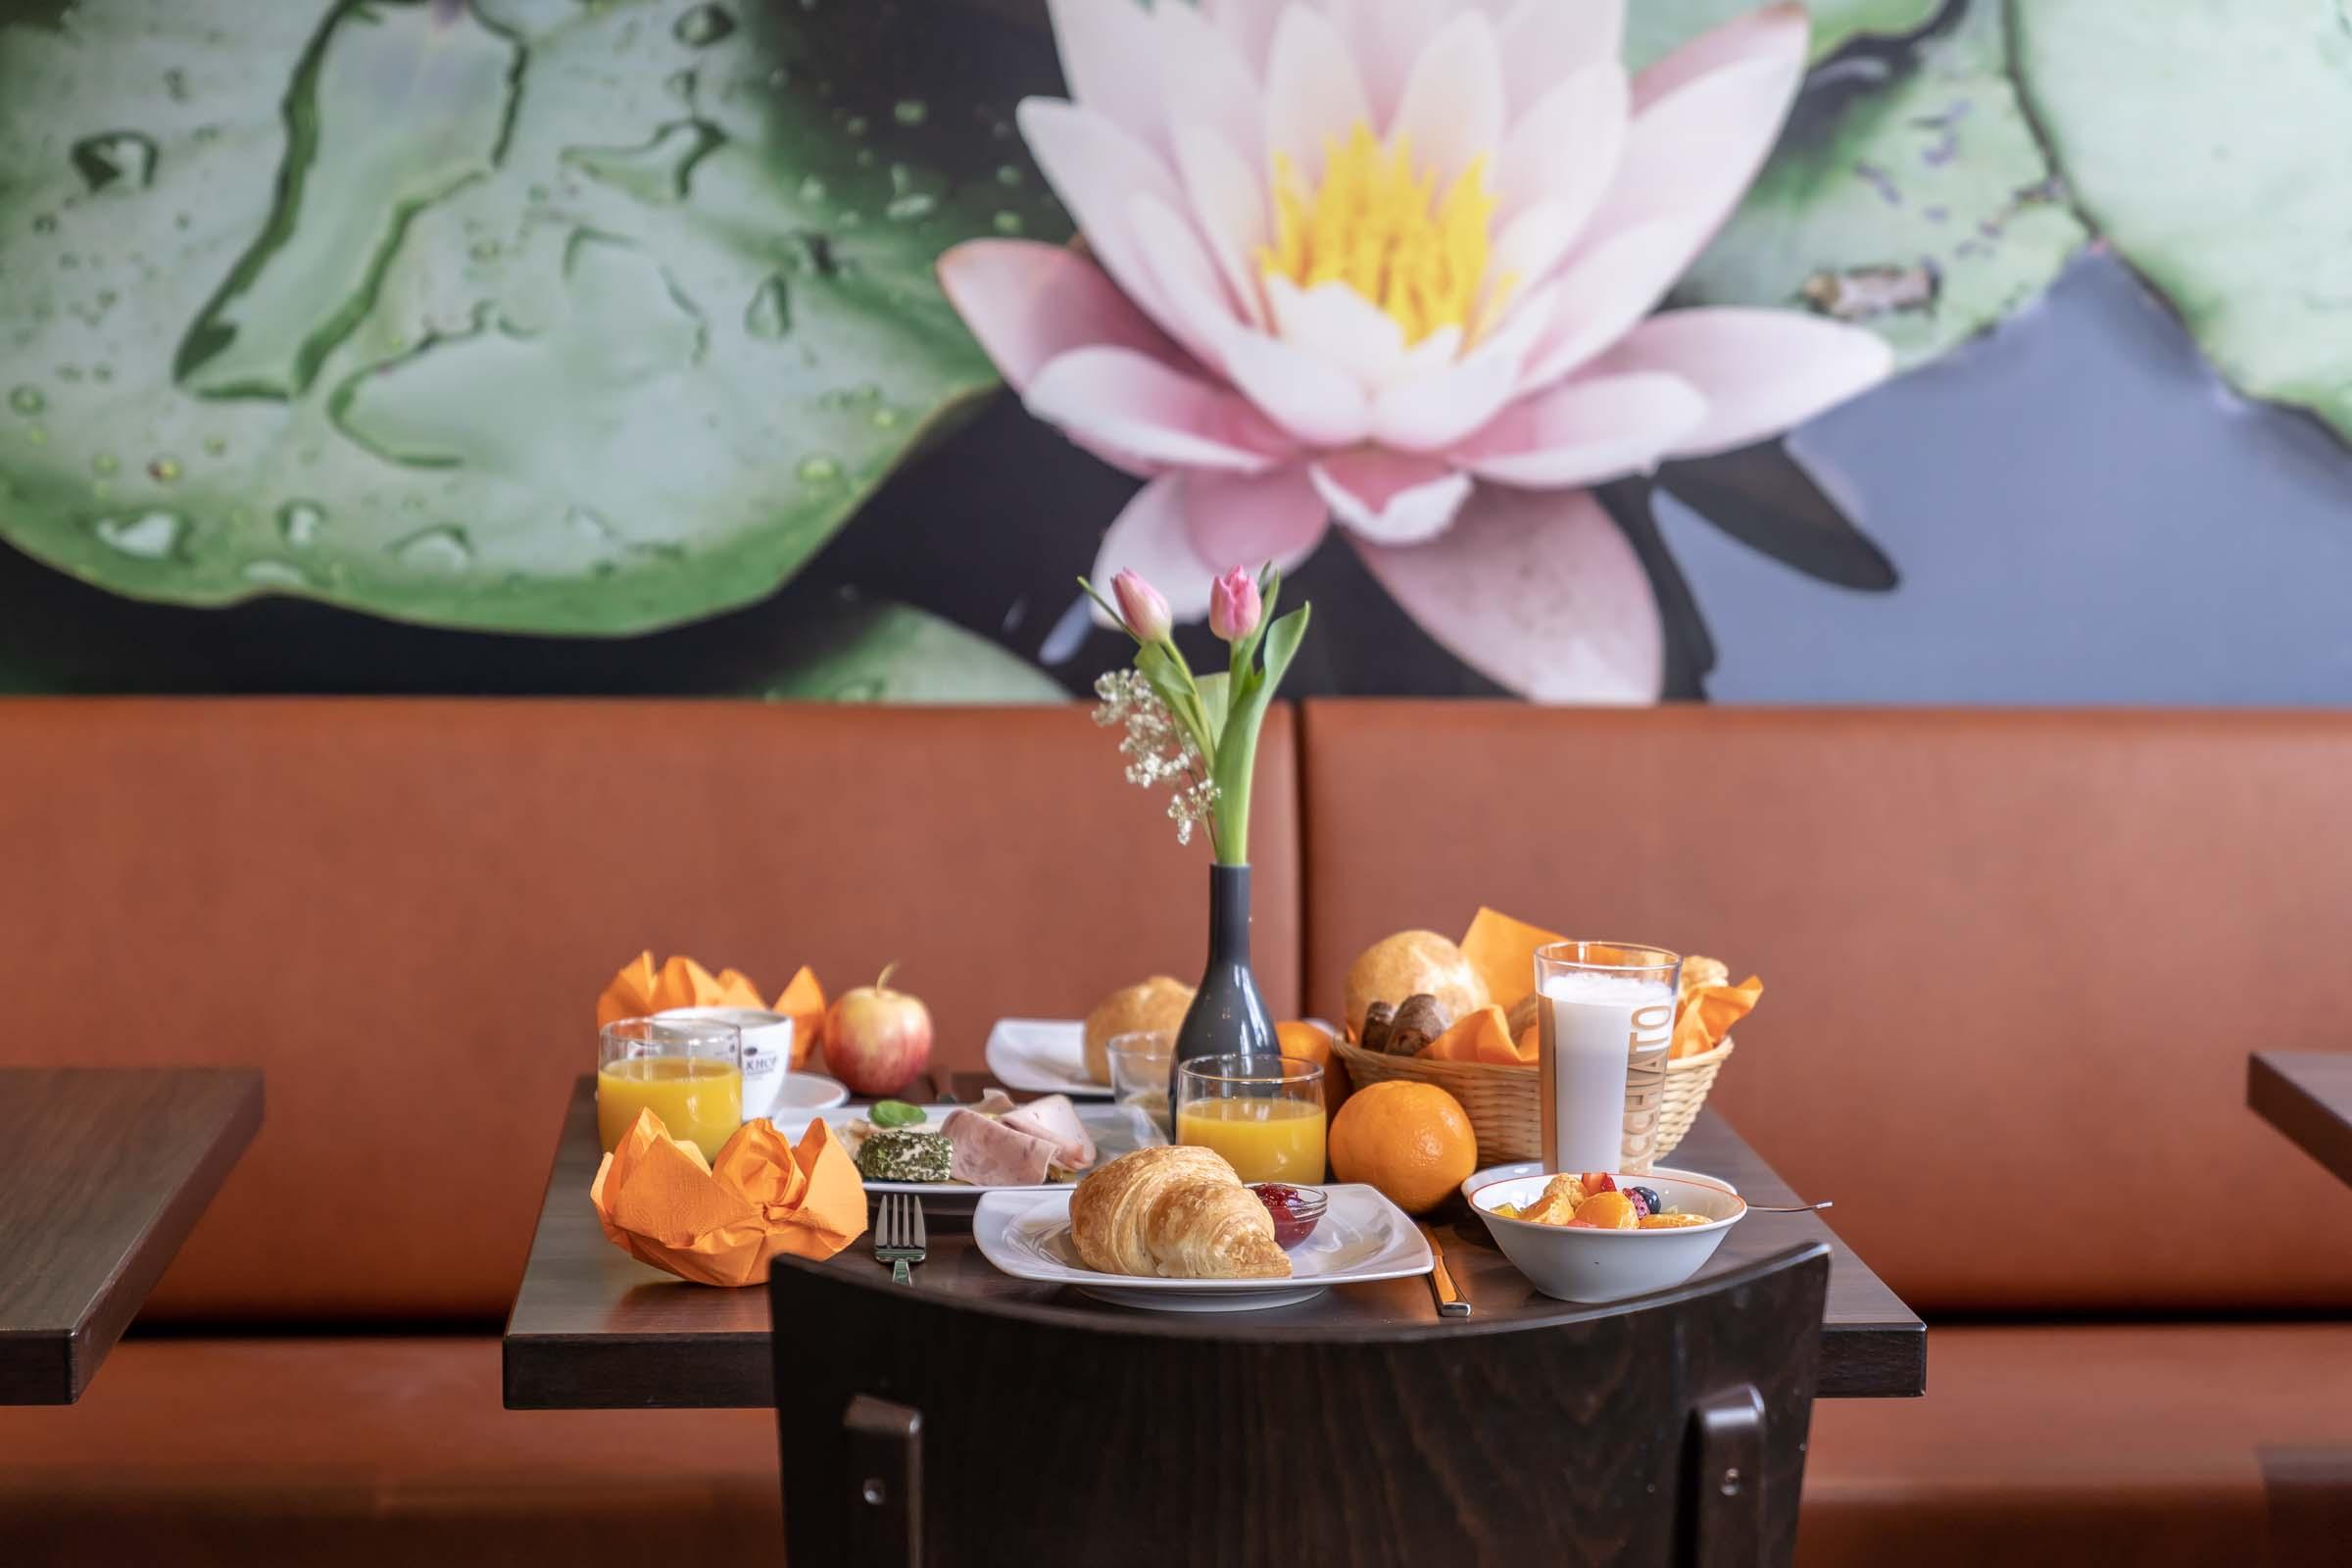 Hotel-Seerose-Lindau-Frühstückstisch-gedeckt